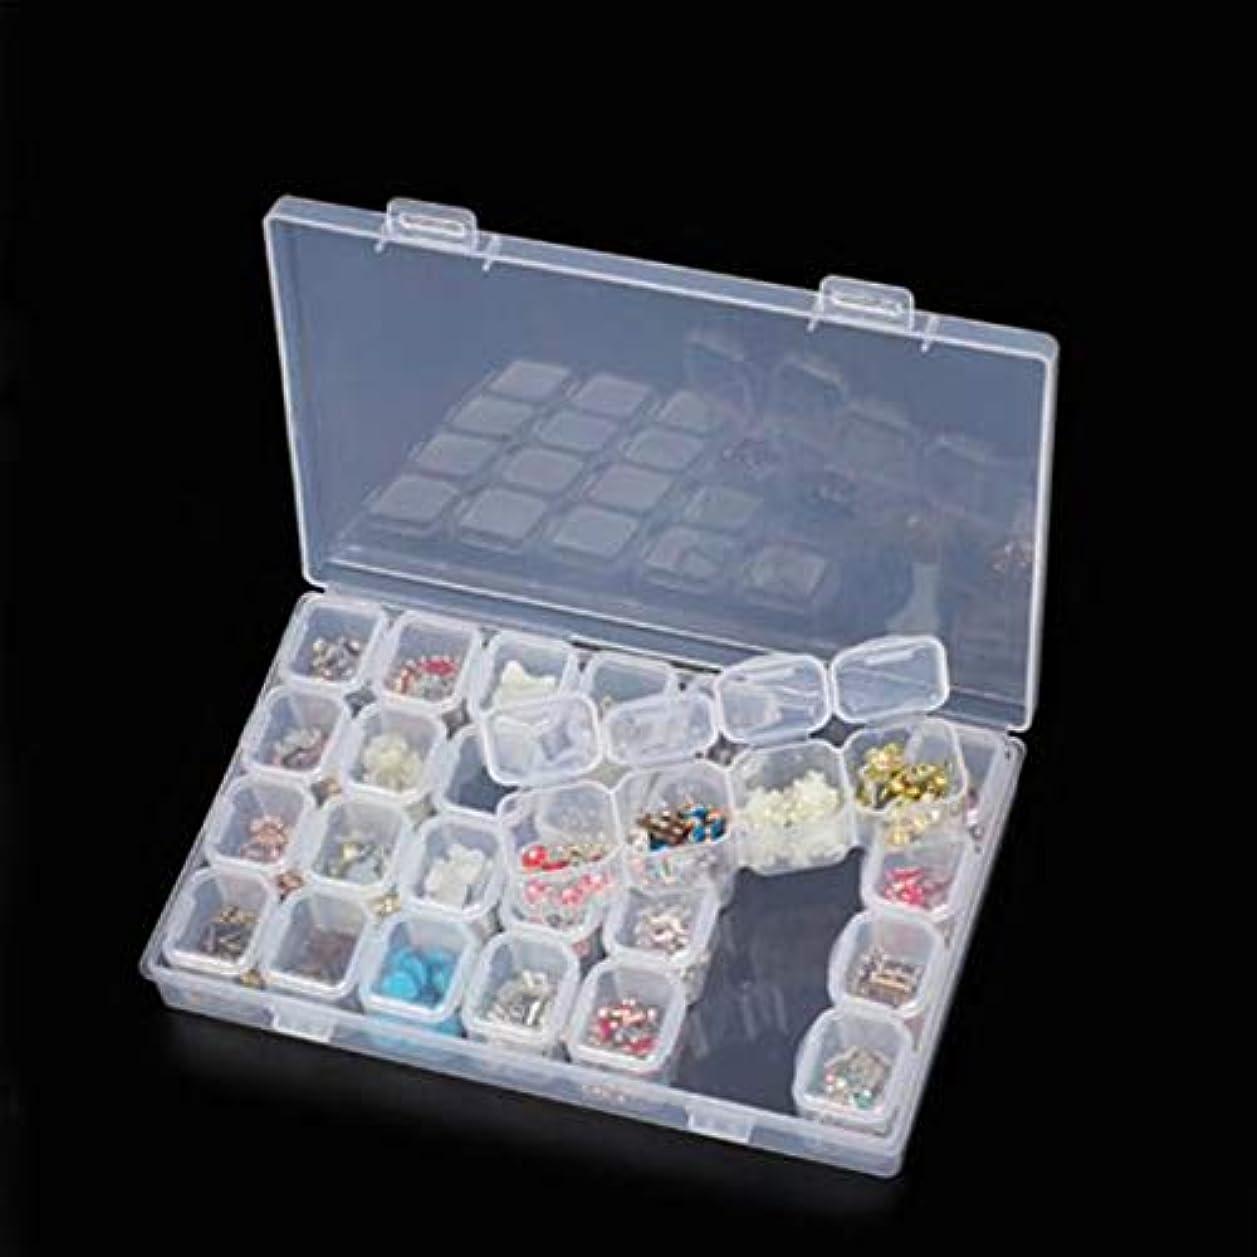 符号またはどちらか準備した28スロットプラスチック収納ボックスボックスダイヤモンド塗装キットネールアートラインツールズ収納収納ボックスケースオーガナイザーホルダー